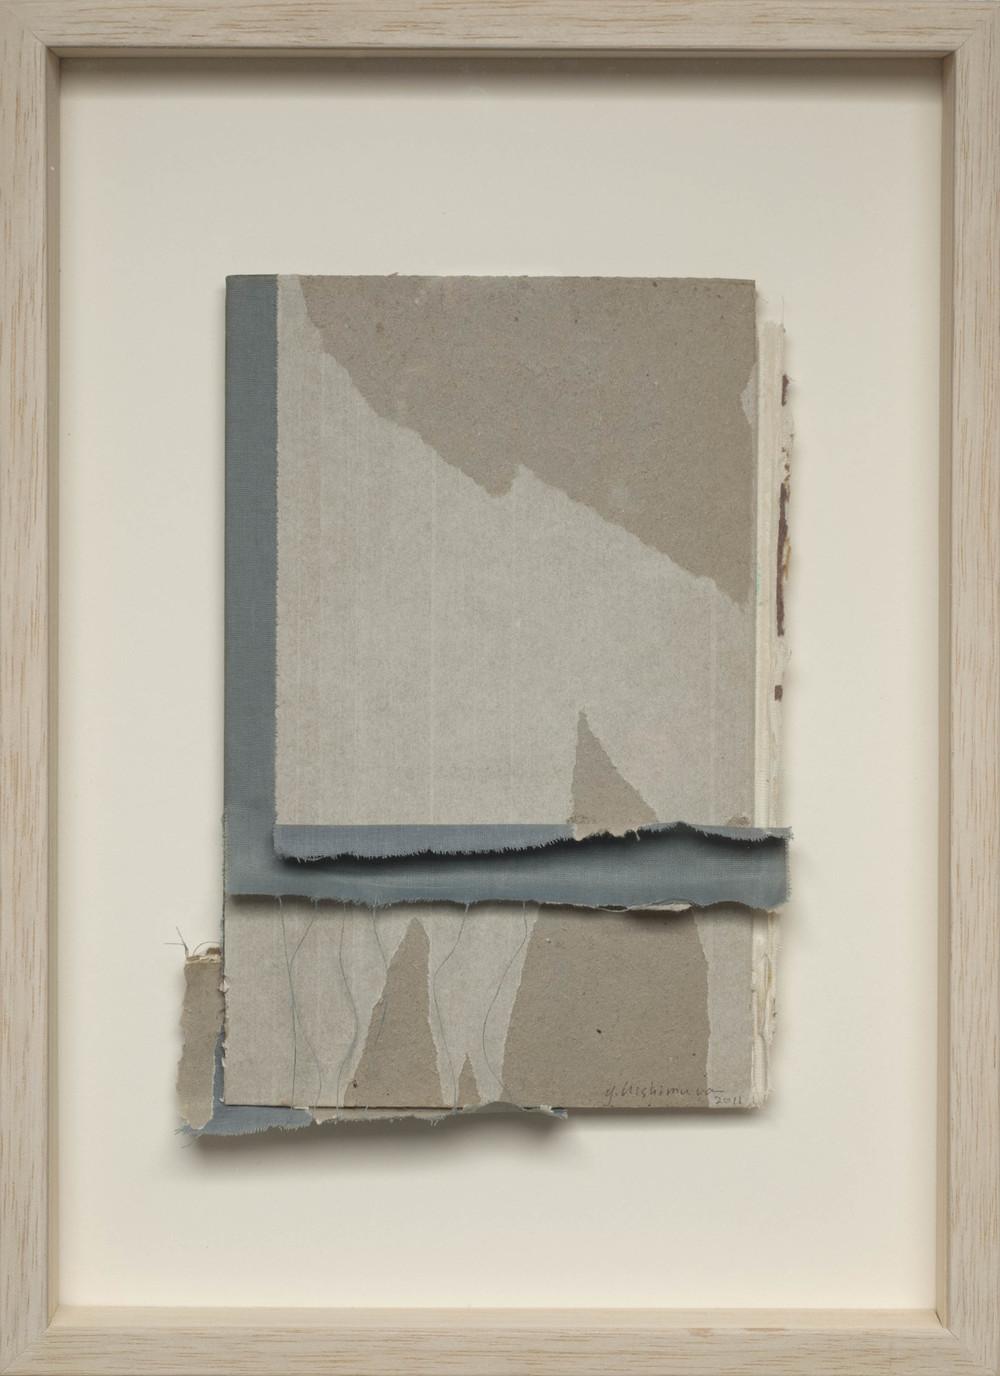 Yohei Nishimura    Untitled  , 2012 Book cover 9.5 x 6.5 inches / 24.1 x 16.5 cm / YN 147